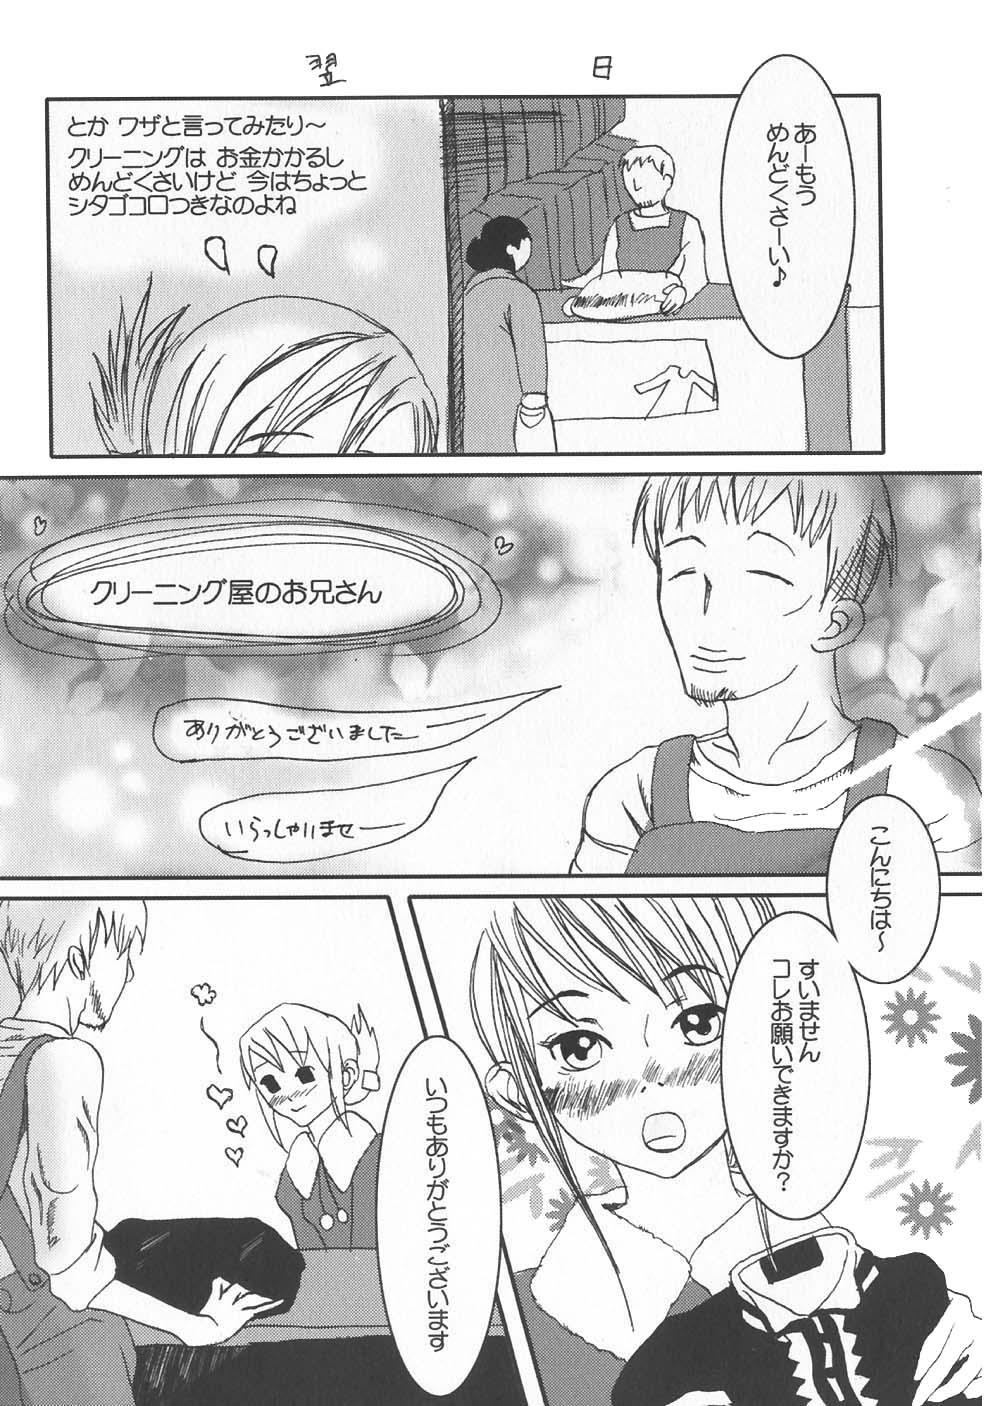 Gochuumon wa Okimari Desuka 121